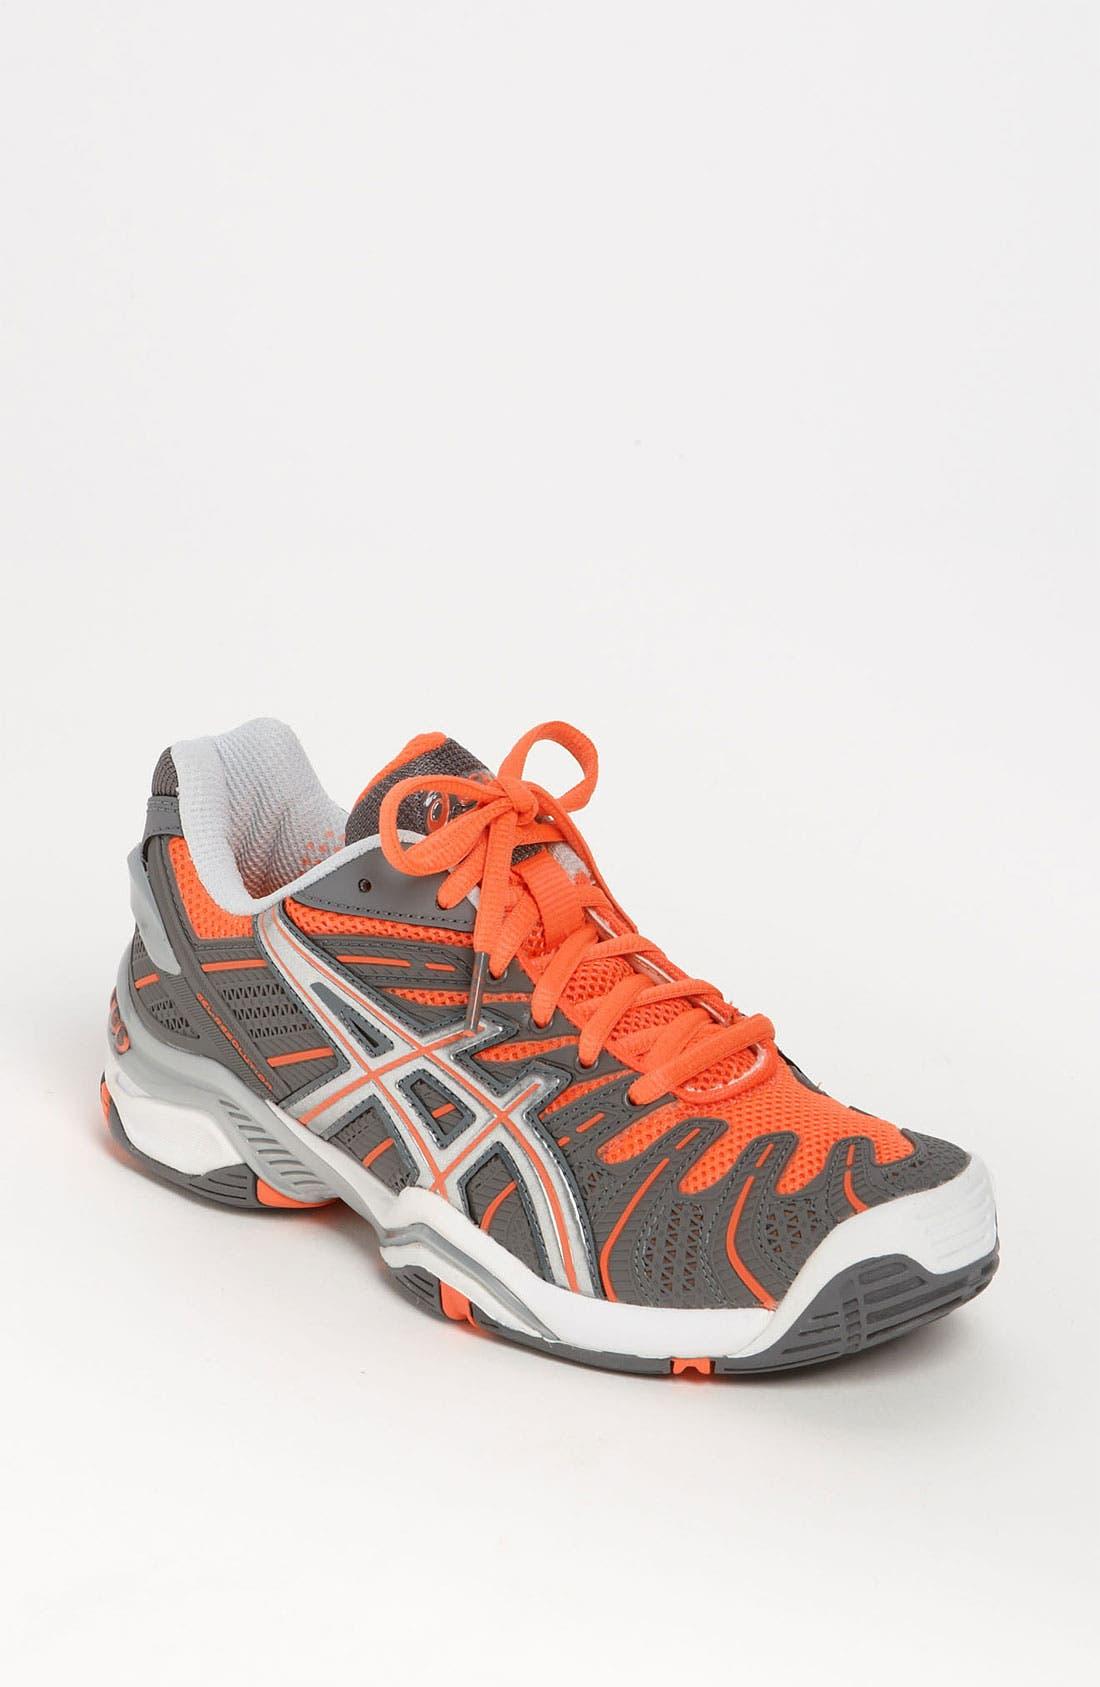 Main Image - ASICS® 'GEL-Resolution 4' Tennis Shoe (Women) (Regular Retail Price: $129.95)